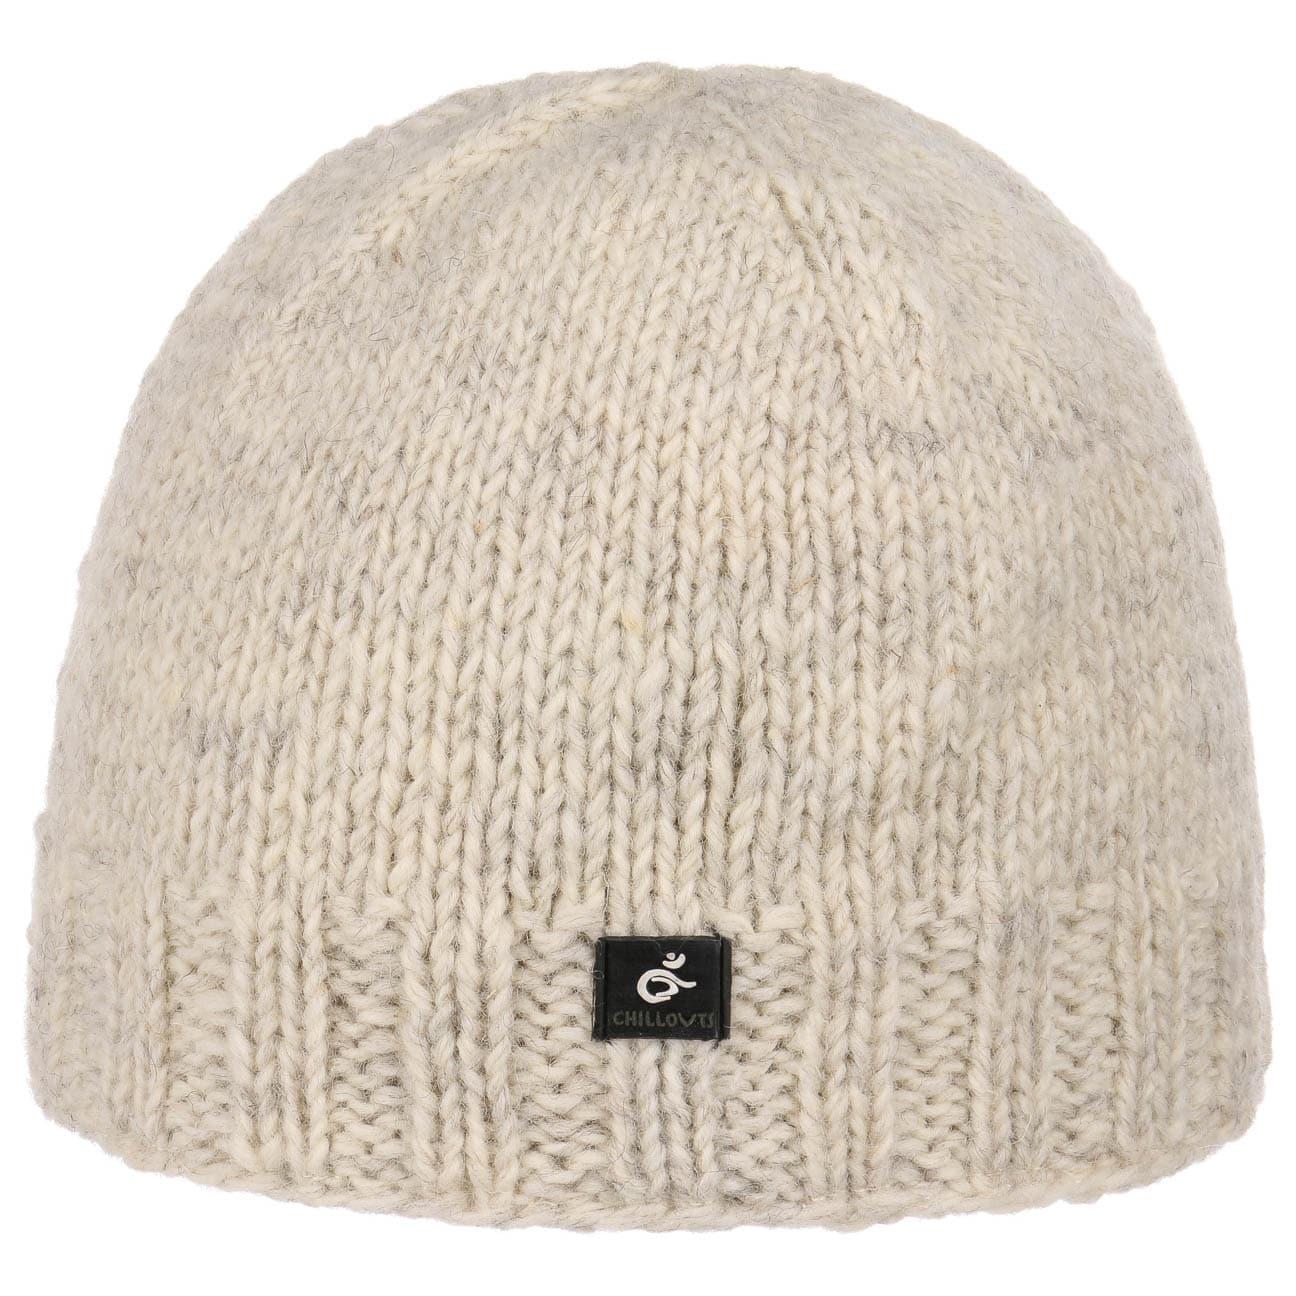 Bonnet en Laine Mat by Chillouts  bonnet pour l`hiver